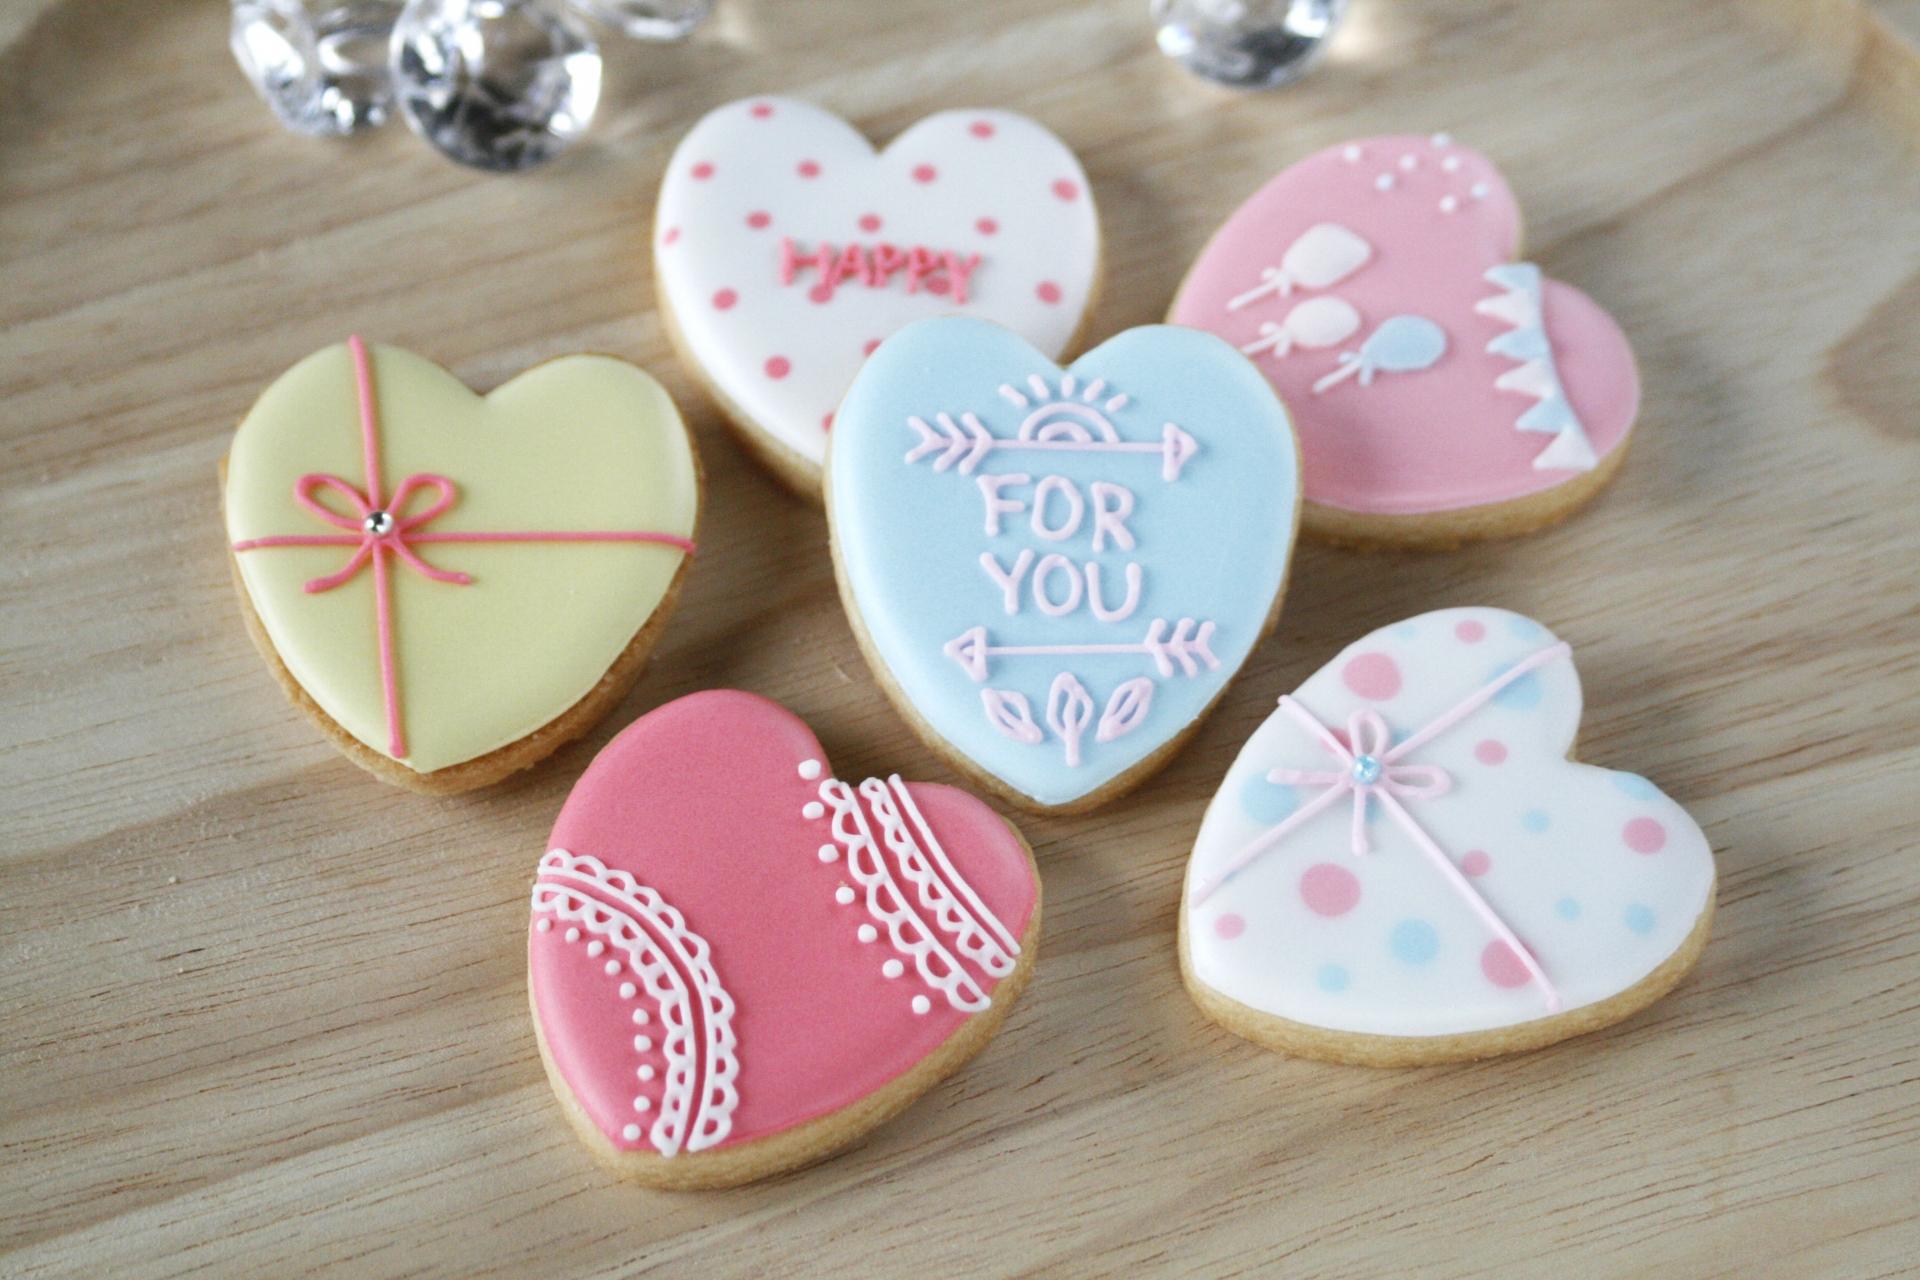 誕生日は一味違うアイシングクッキーを食べよう!レシピと通販で購入する時のおすすめショップまとめ